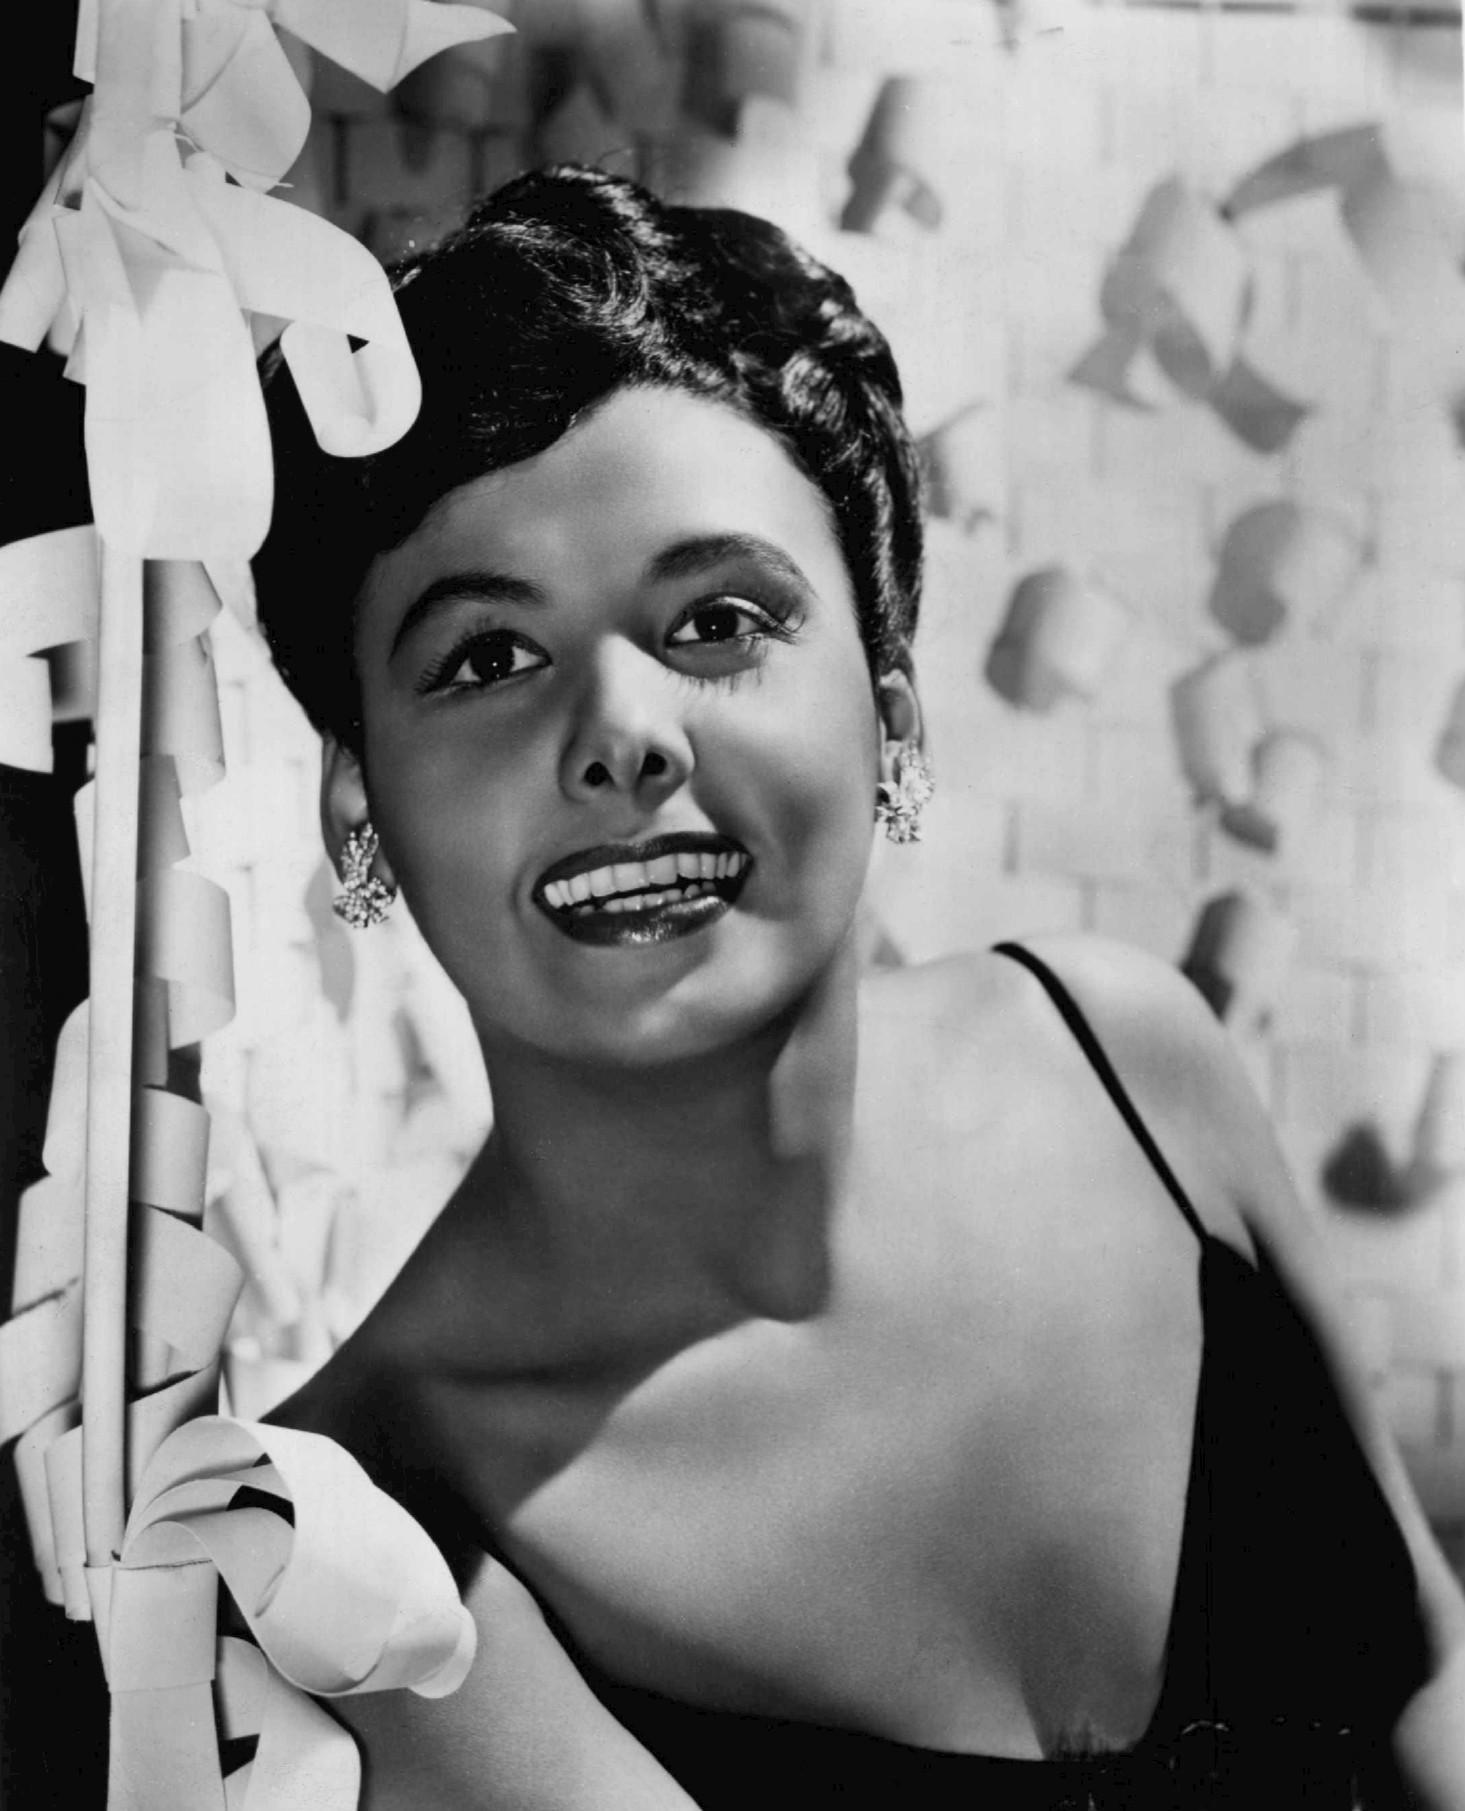 Lena_Horne_1955.jpg